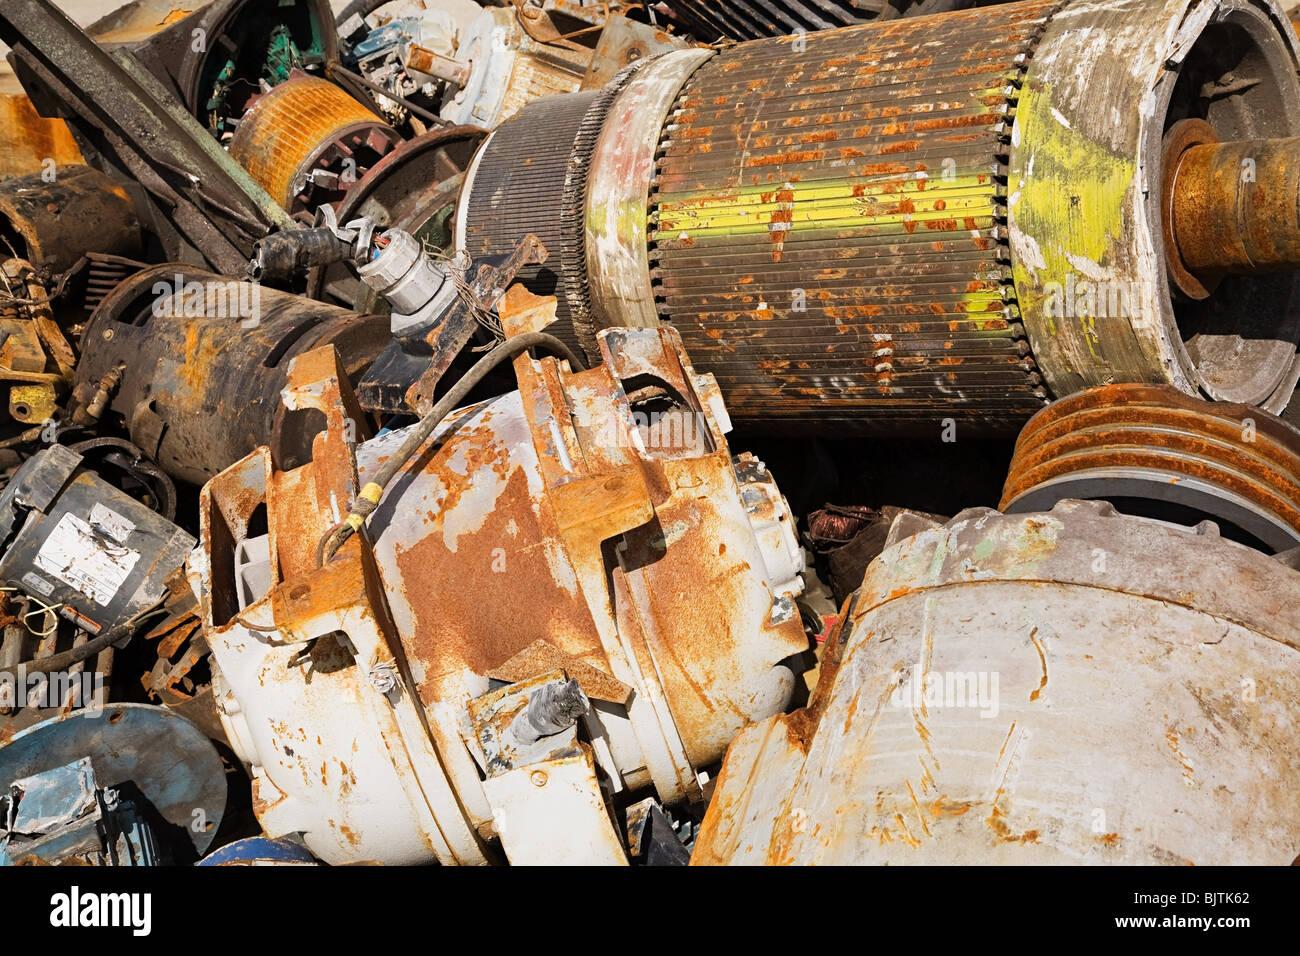 Motors at scrap yard - Stock Image